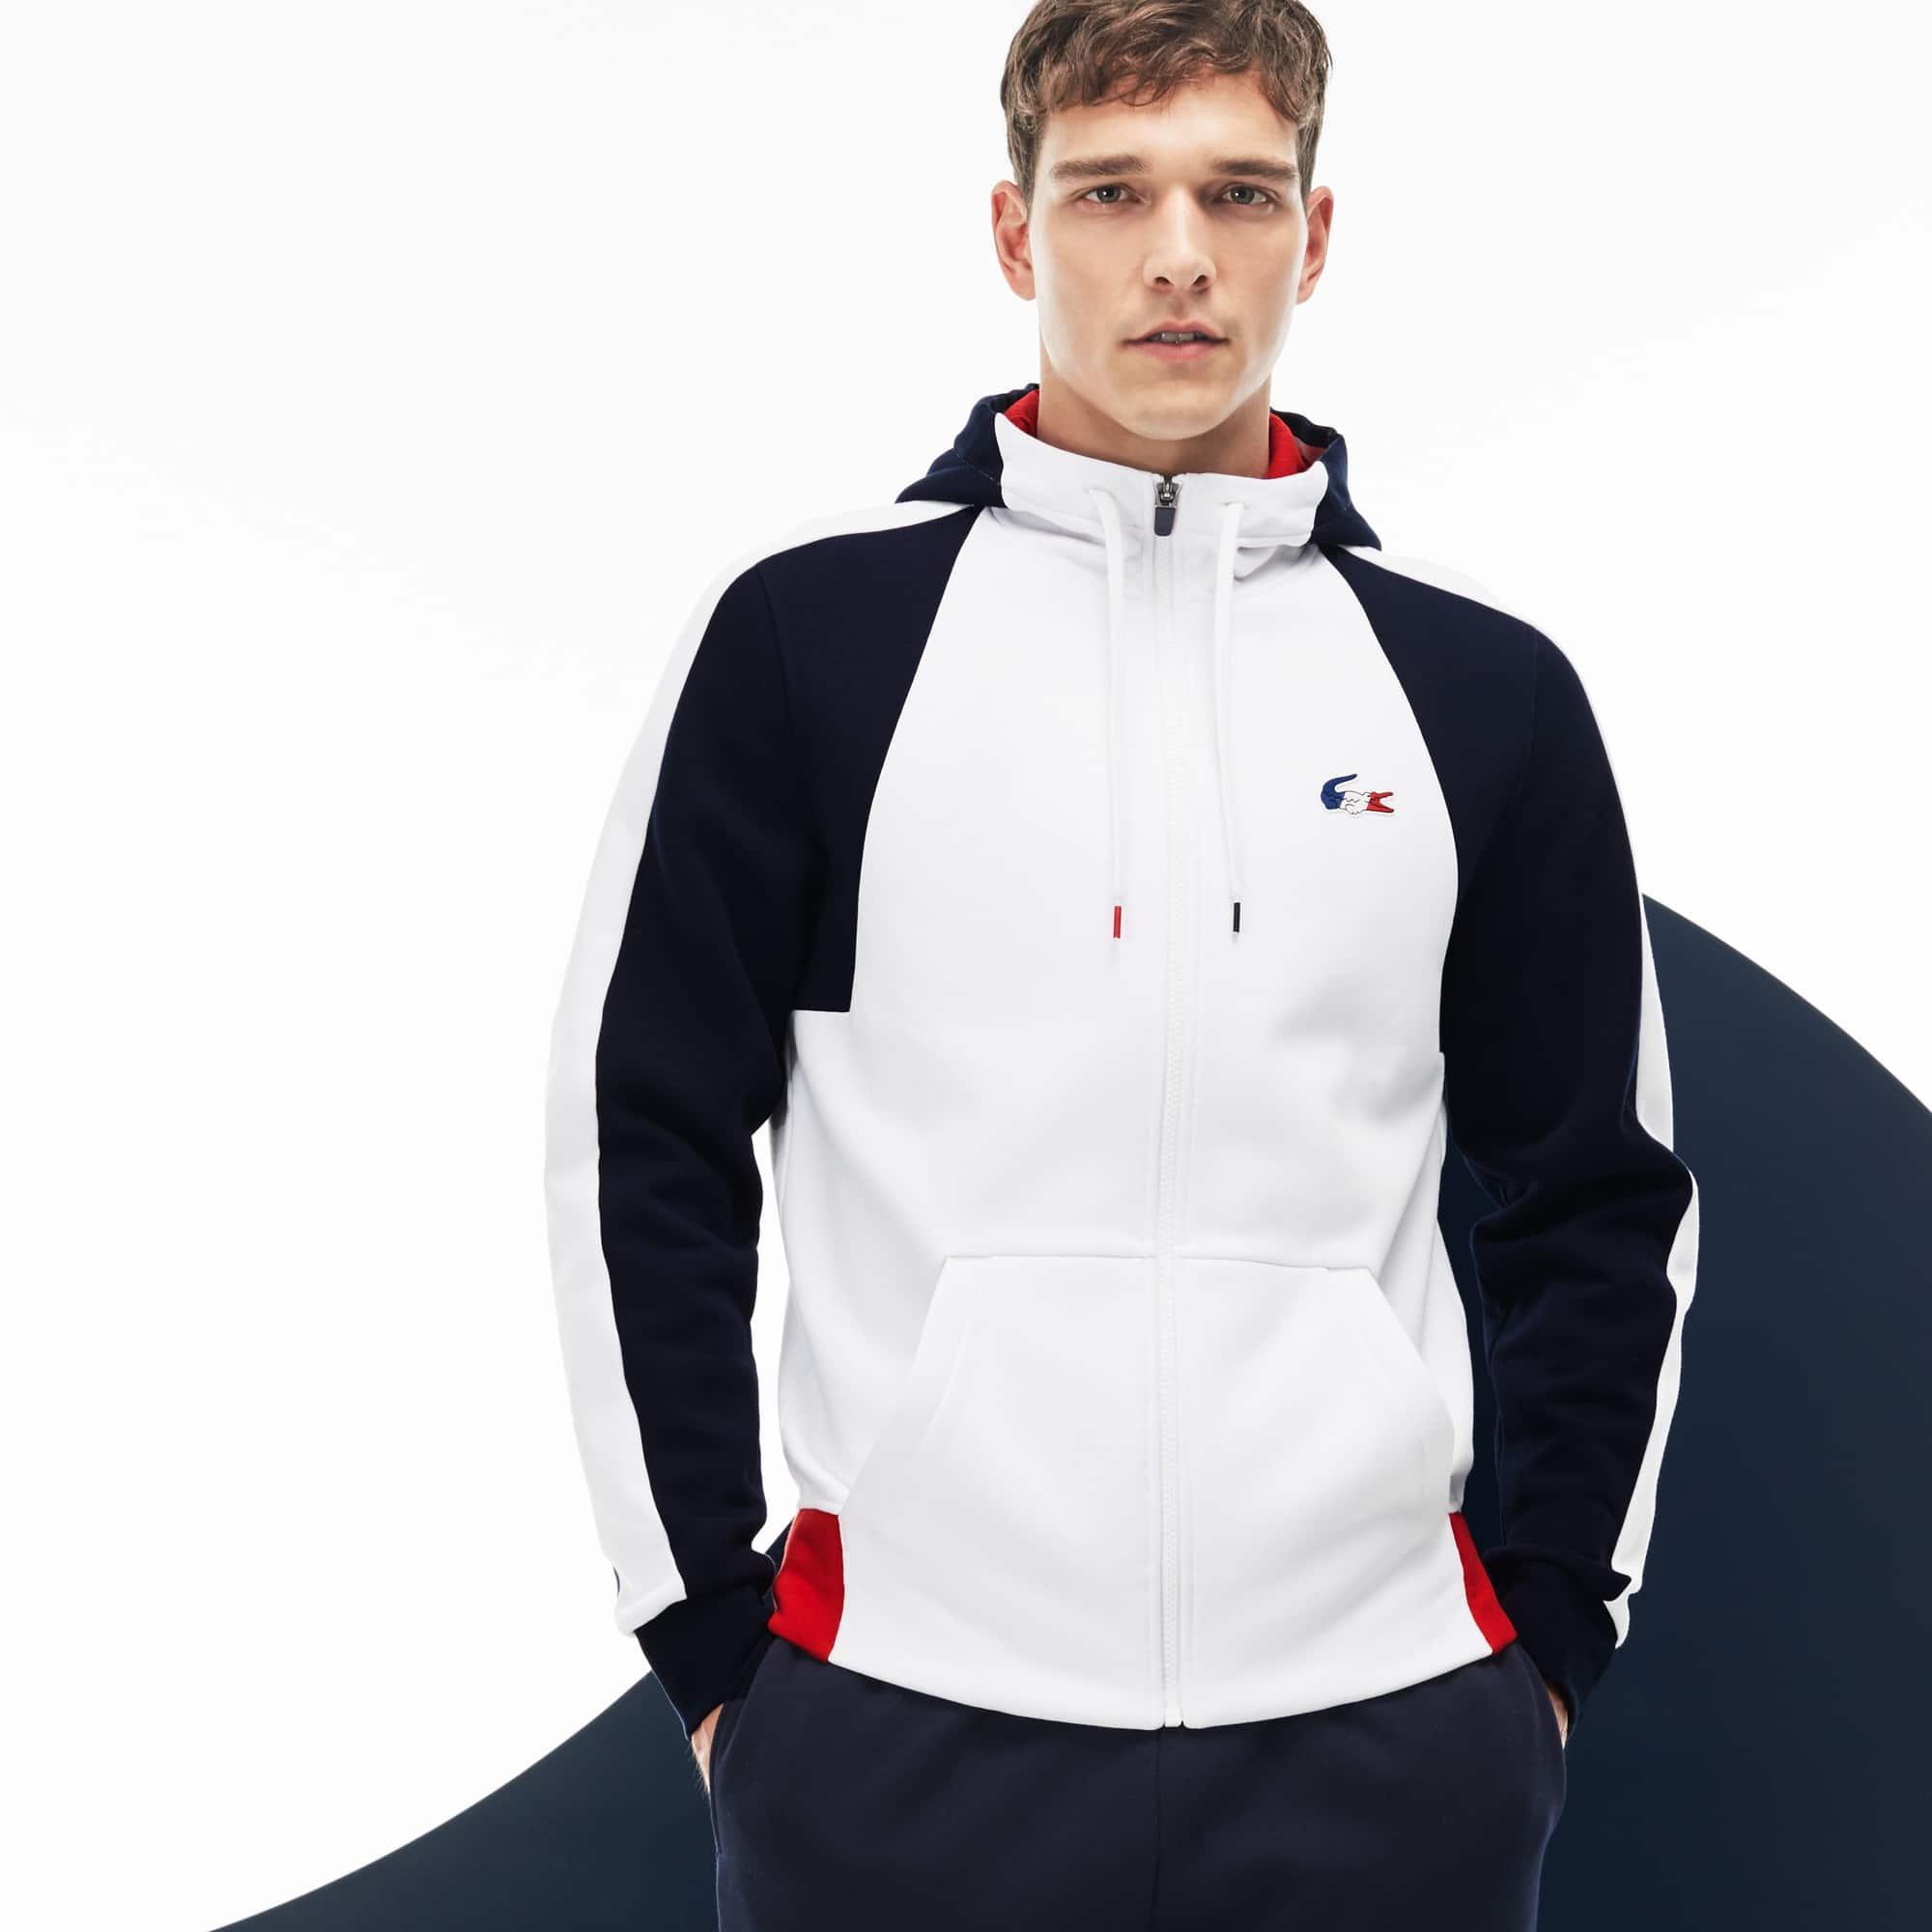 Herren-Sweatshirt aus Fleece LACOSTE SPORT JEUX OLYMPIQUES